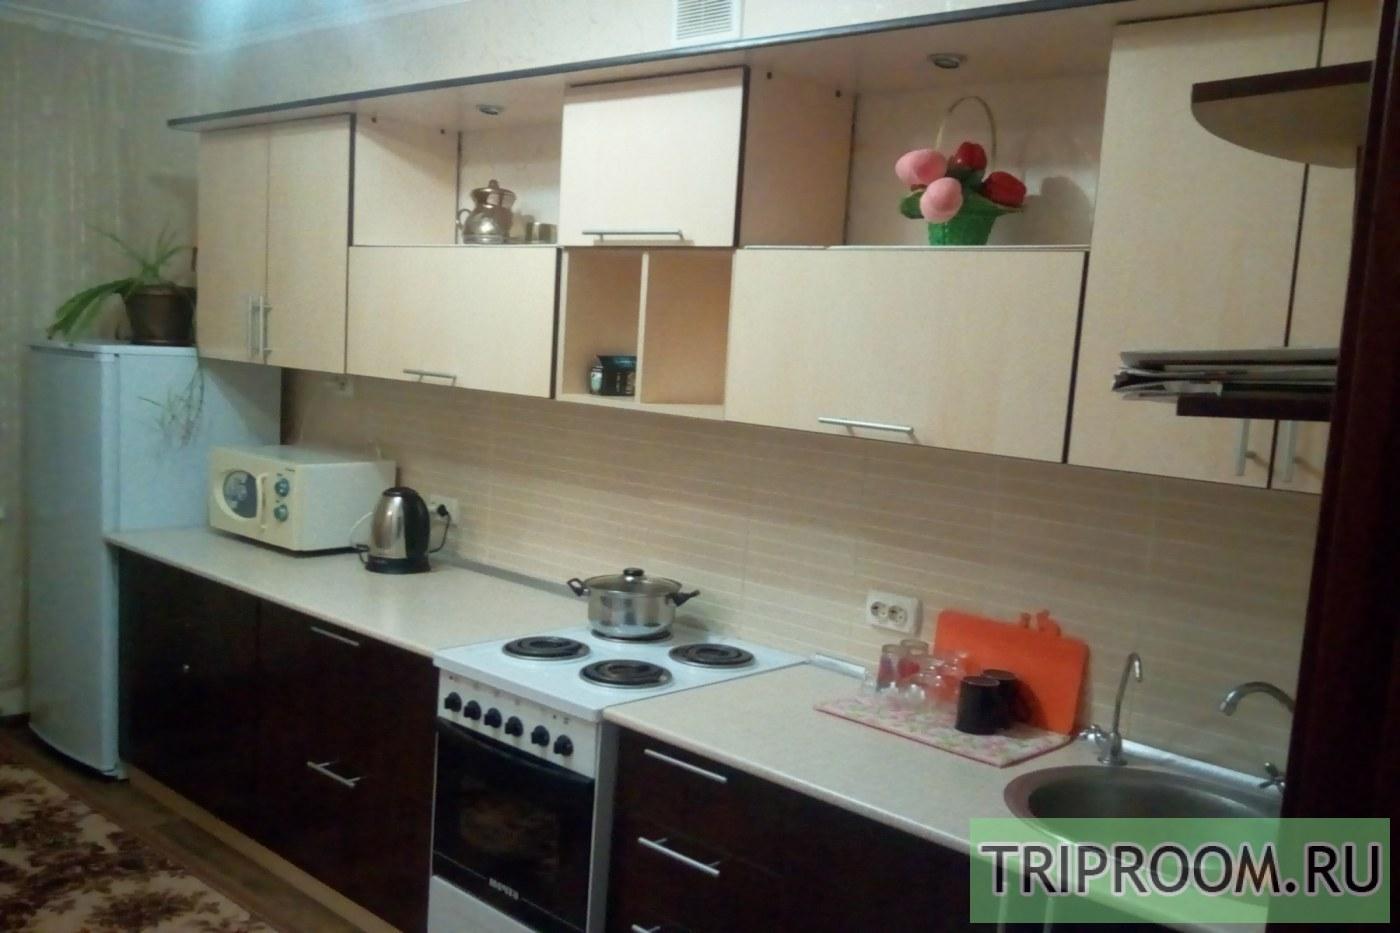 1-комнатная квартира посуточно (вариант № 39360), ул. Иркутский тракт, фото № 4